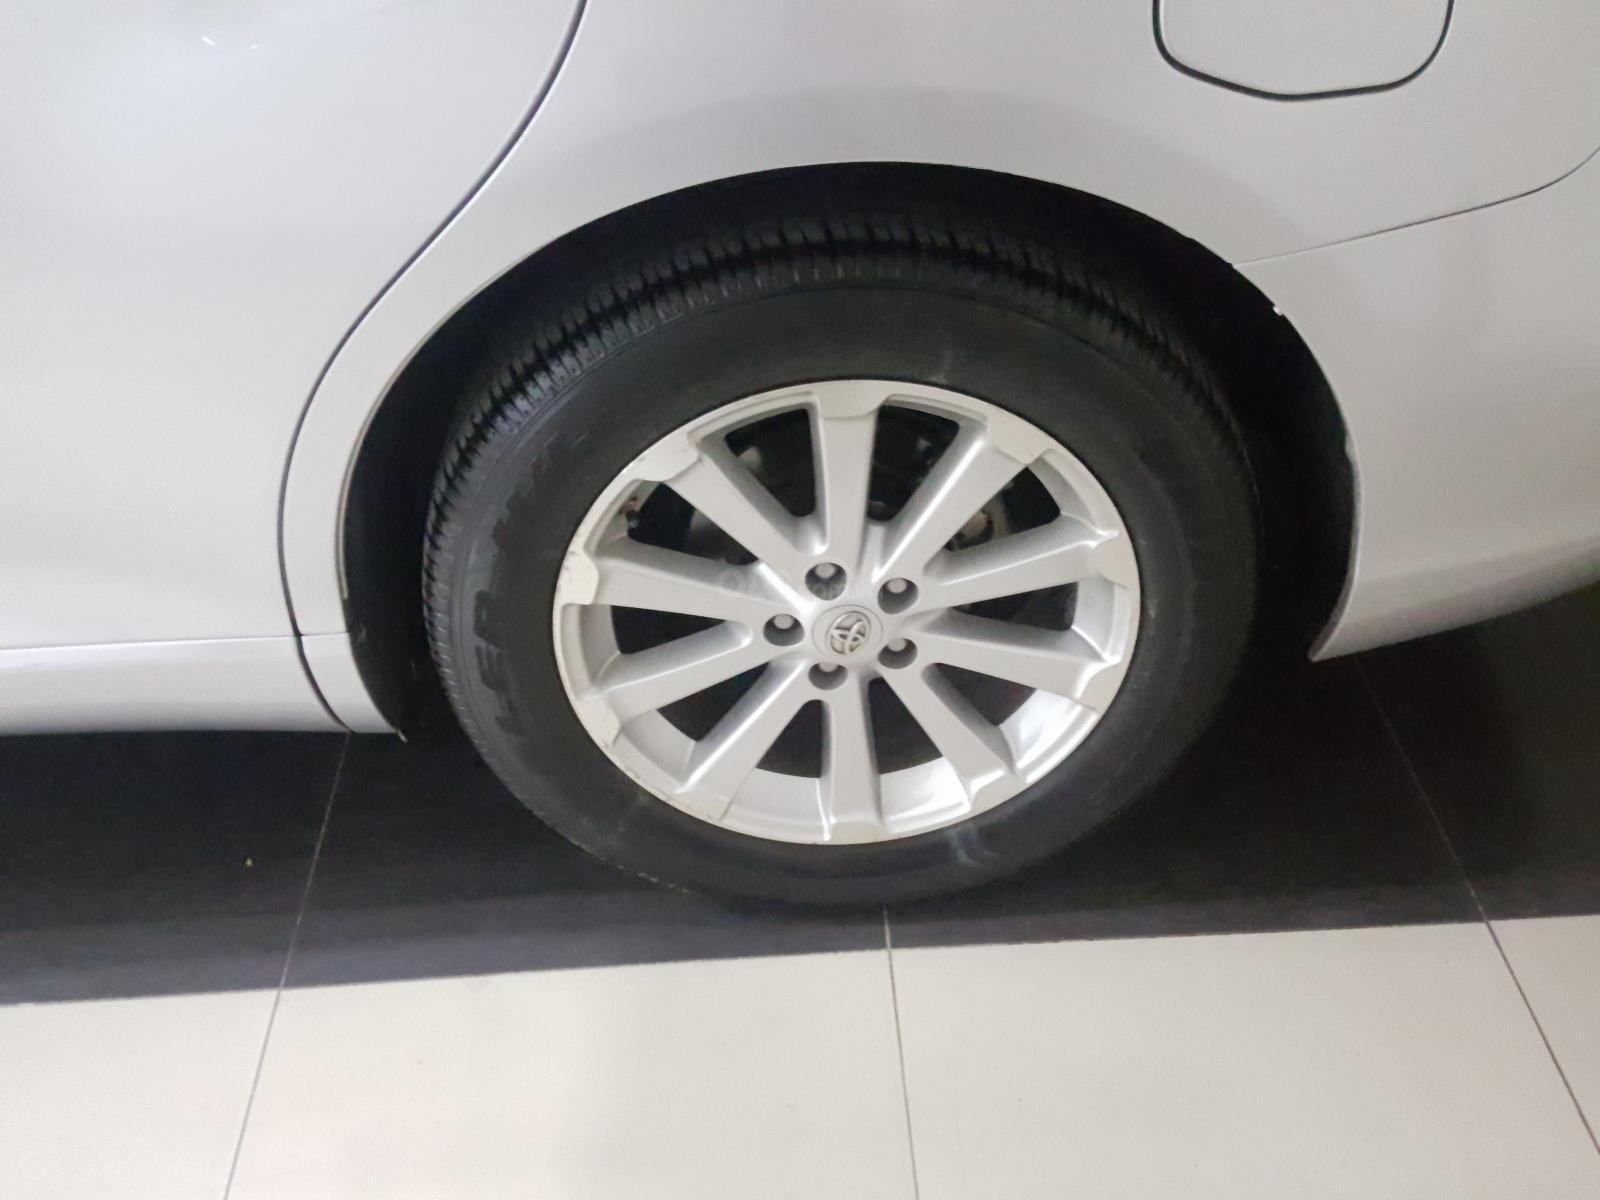 Cần bán Toyota Venza sản xuất 2009 bản full kịch, 1 chủ đi từ mới (11)